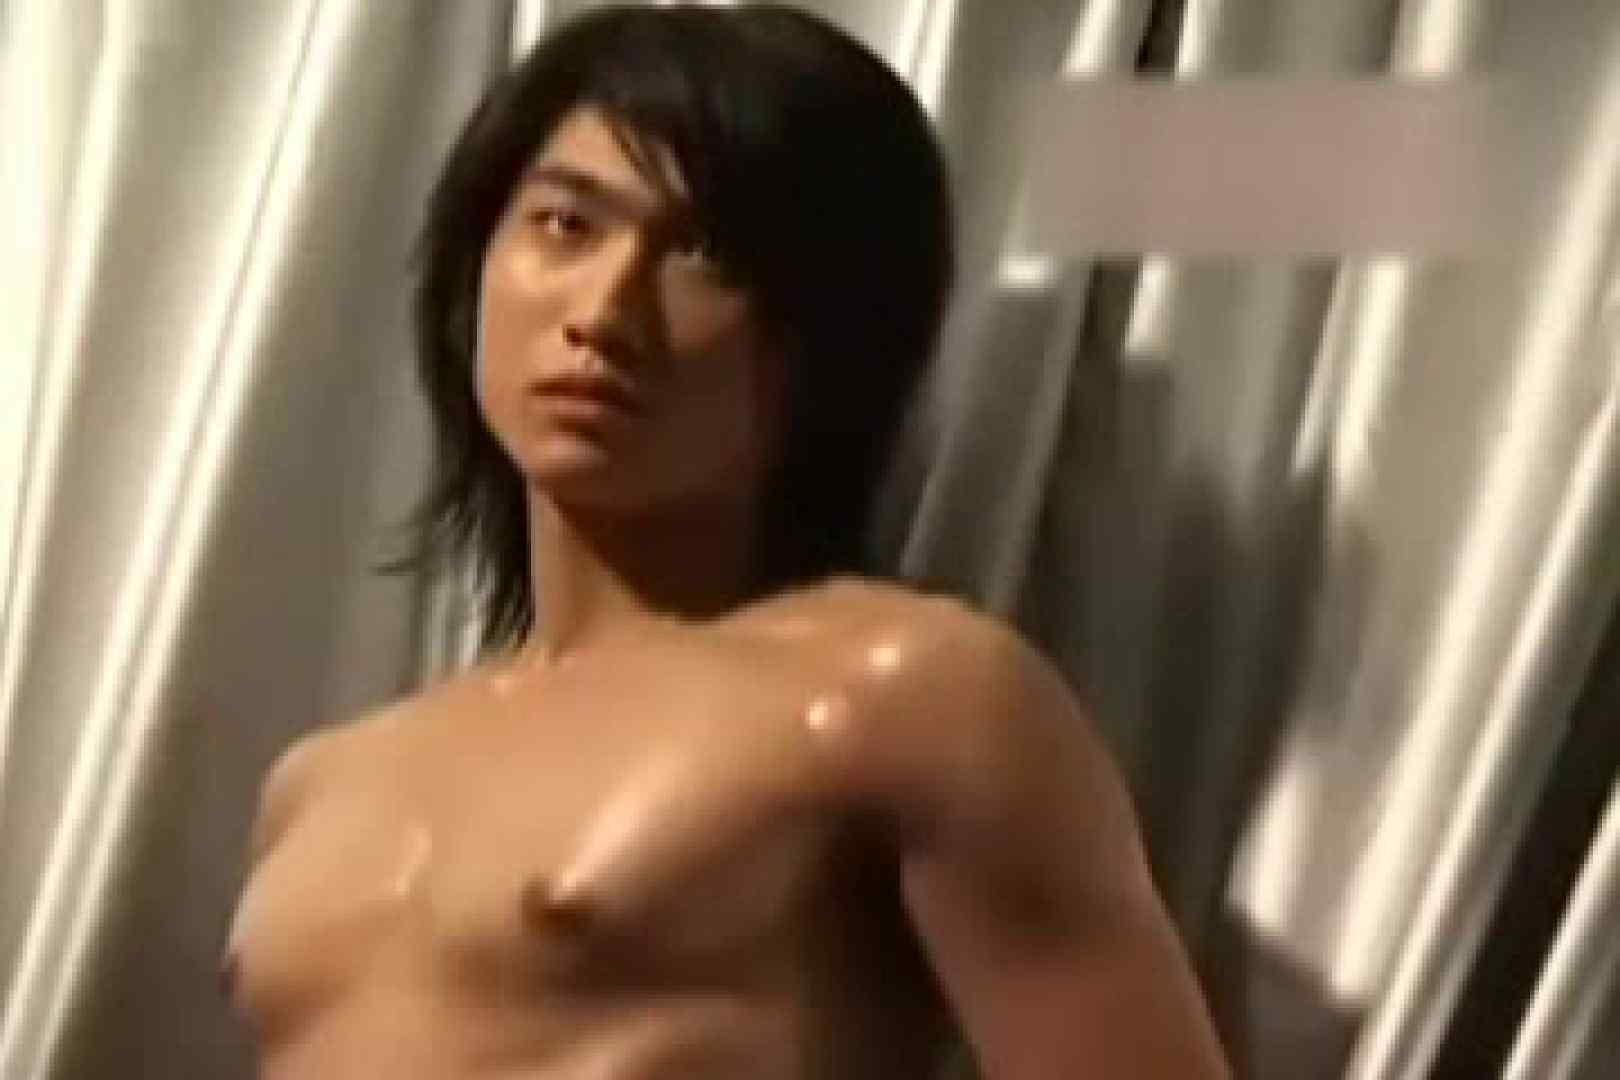 流出!!メンズスーパーモデル達のヌードinChina vol5 ゲイのモデル 尻マンコ画像 12枚 11